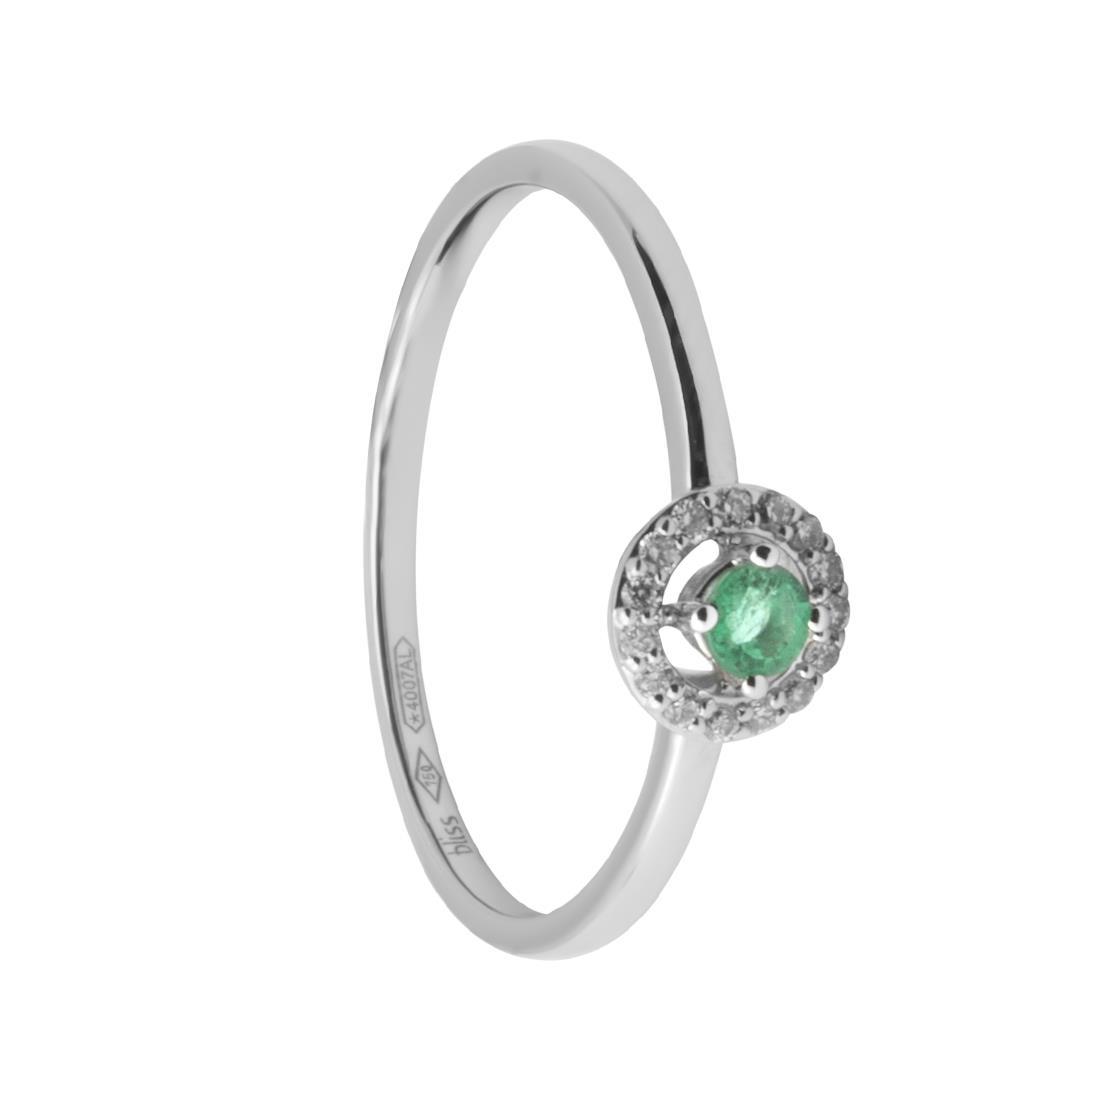 Anello in oro bianco con diamanti e smeraldo - BLISS